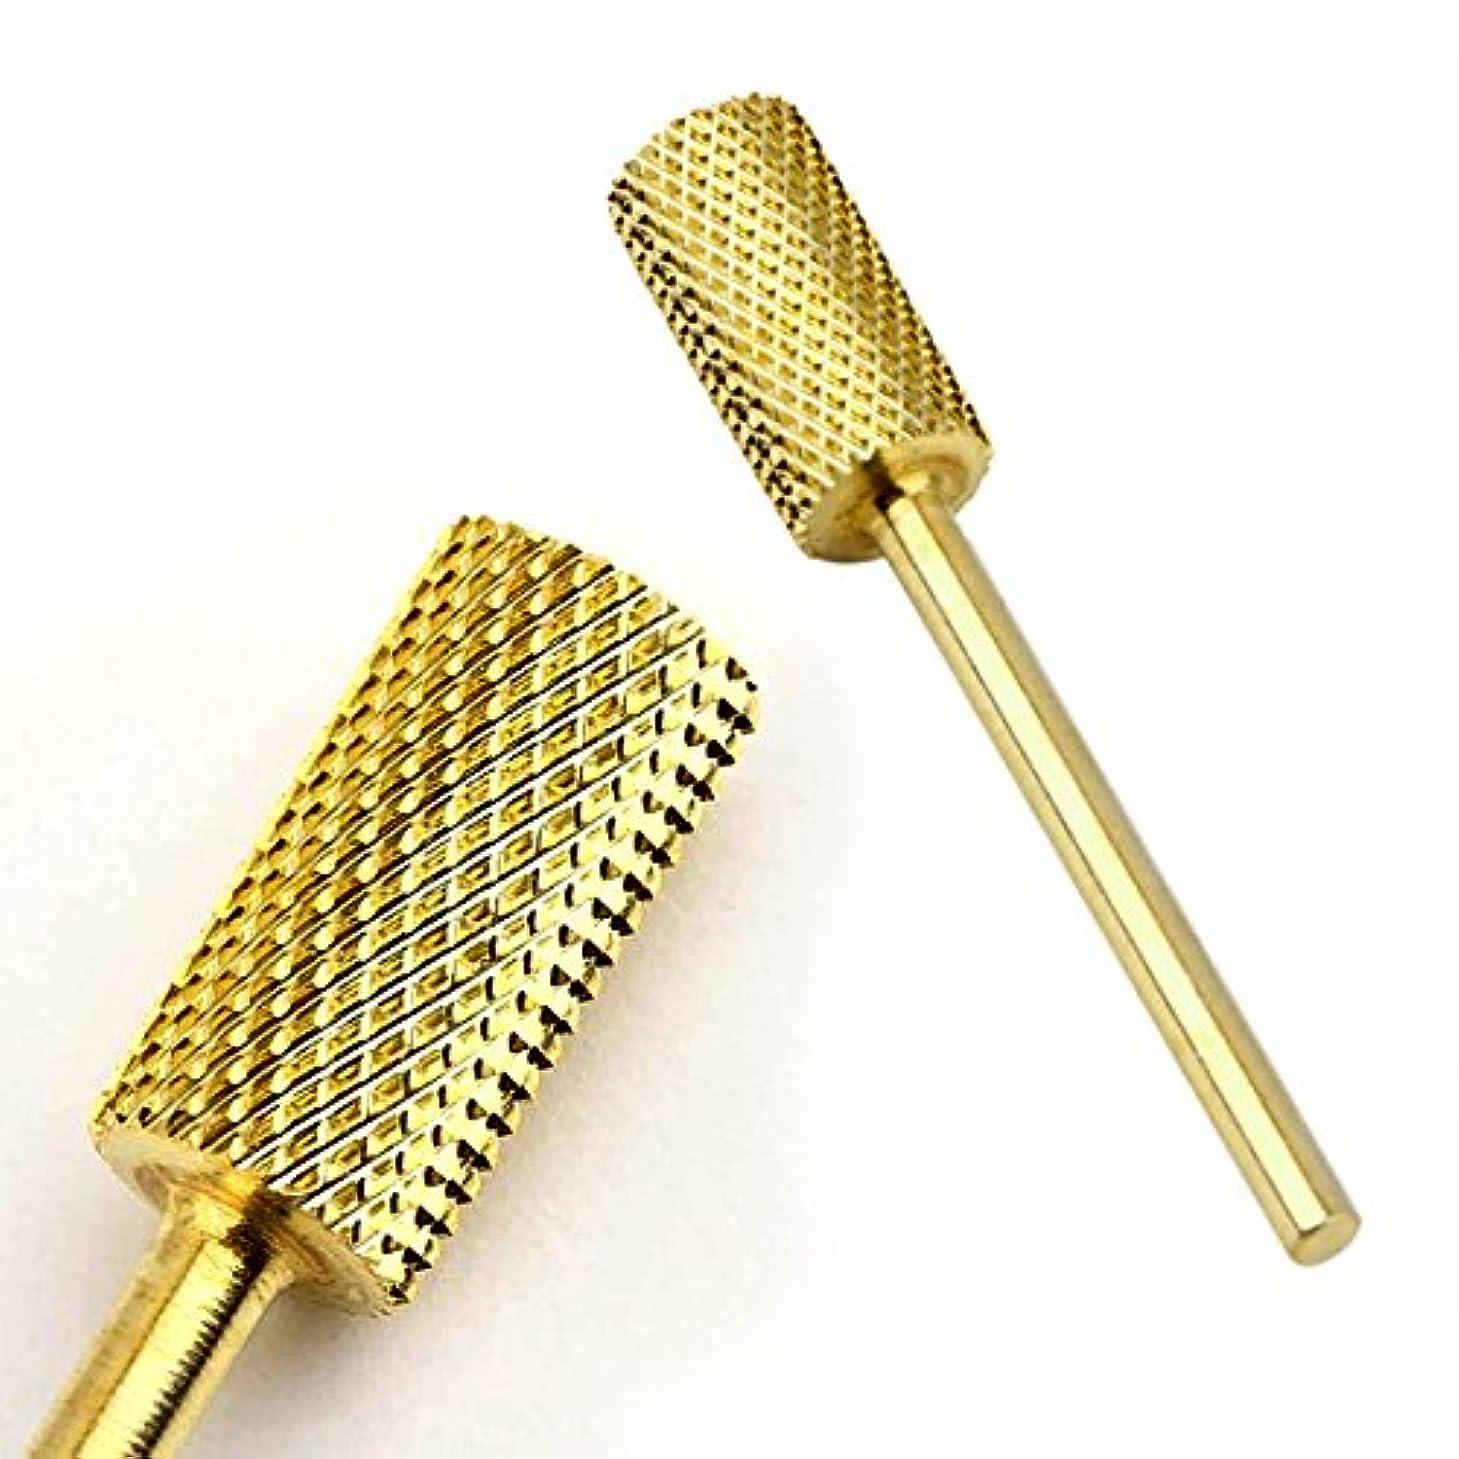 名義で汚い作るネイルマシーン用ビット ゴールドカラービット アクリルや厚いハードジェルのオフ除去に最適 ゴールドカラーの付け替えアタッチメント ネイルマシン用 ジェルネイルオフ